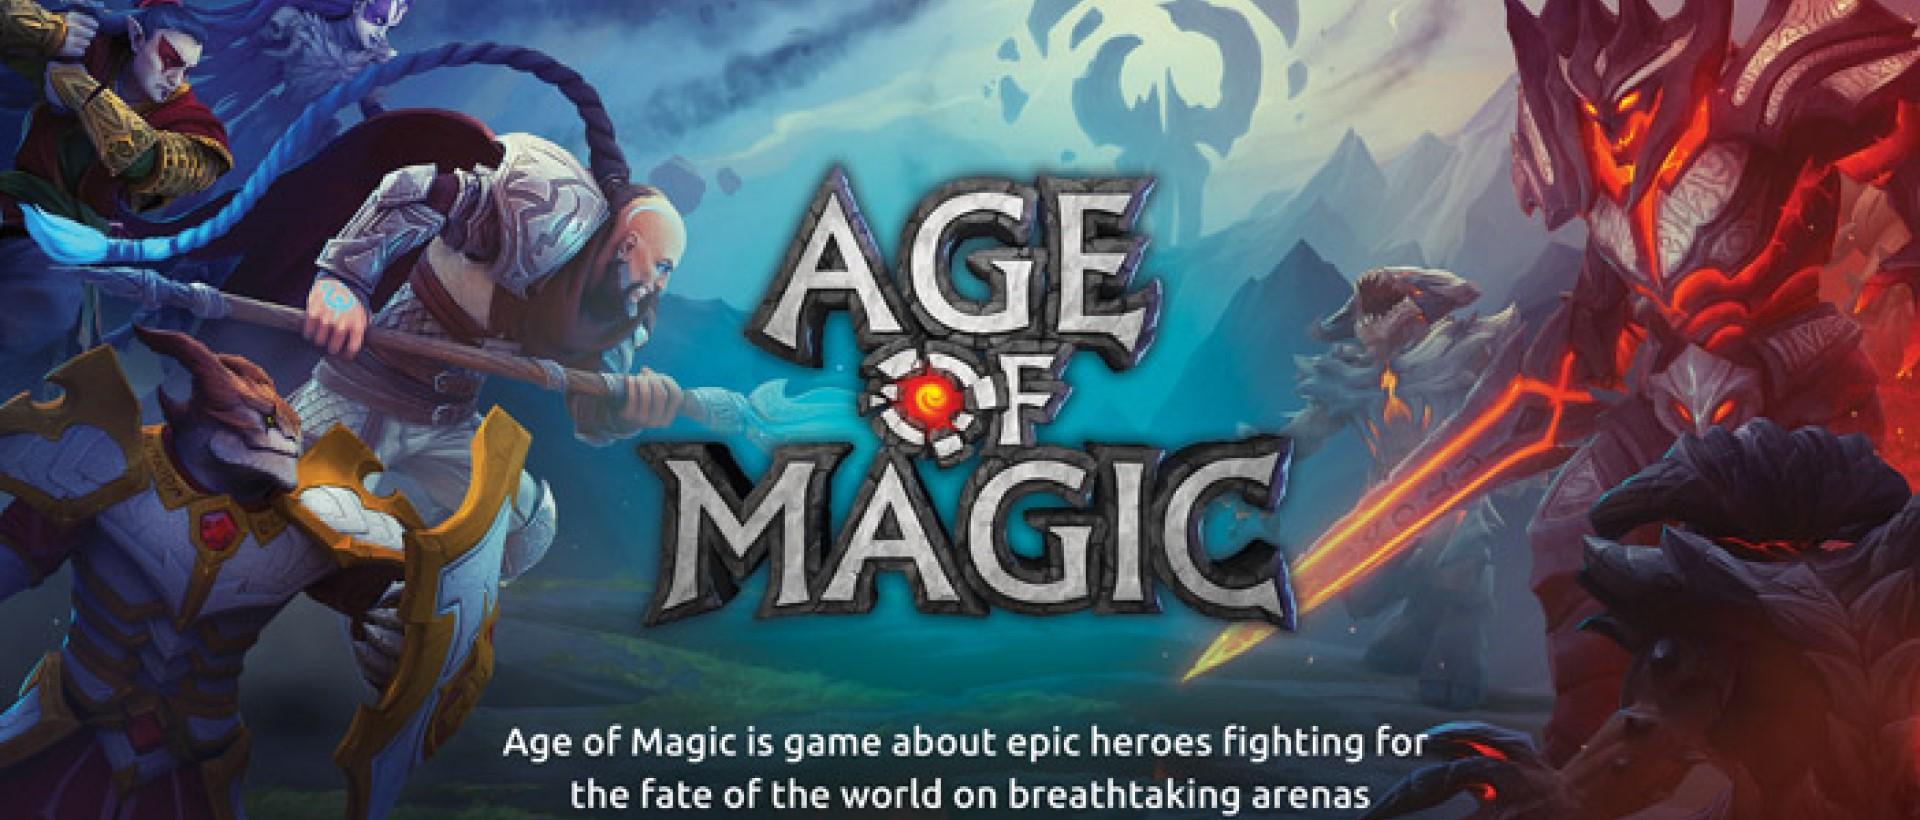 Age of Magic: Turn-Based Magic RPG & Strategy